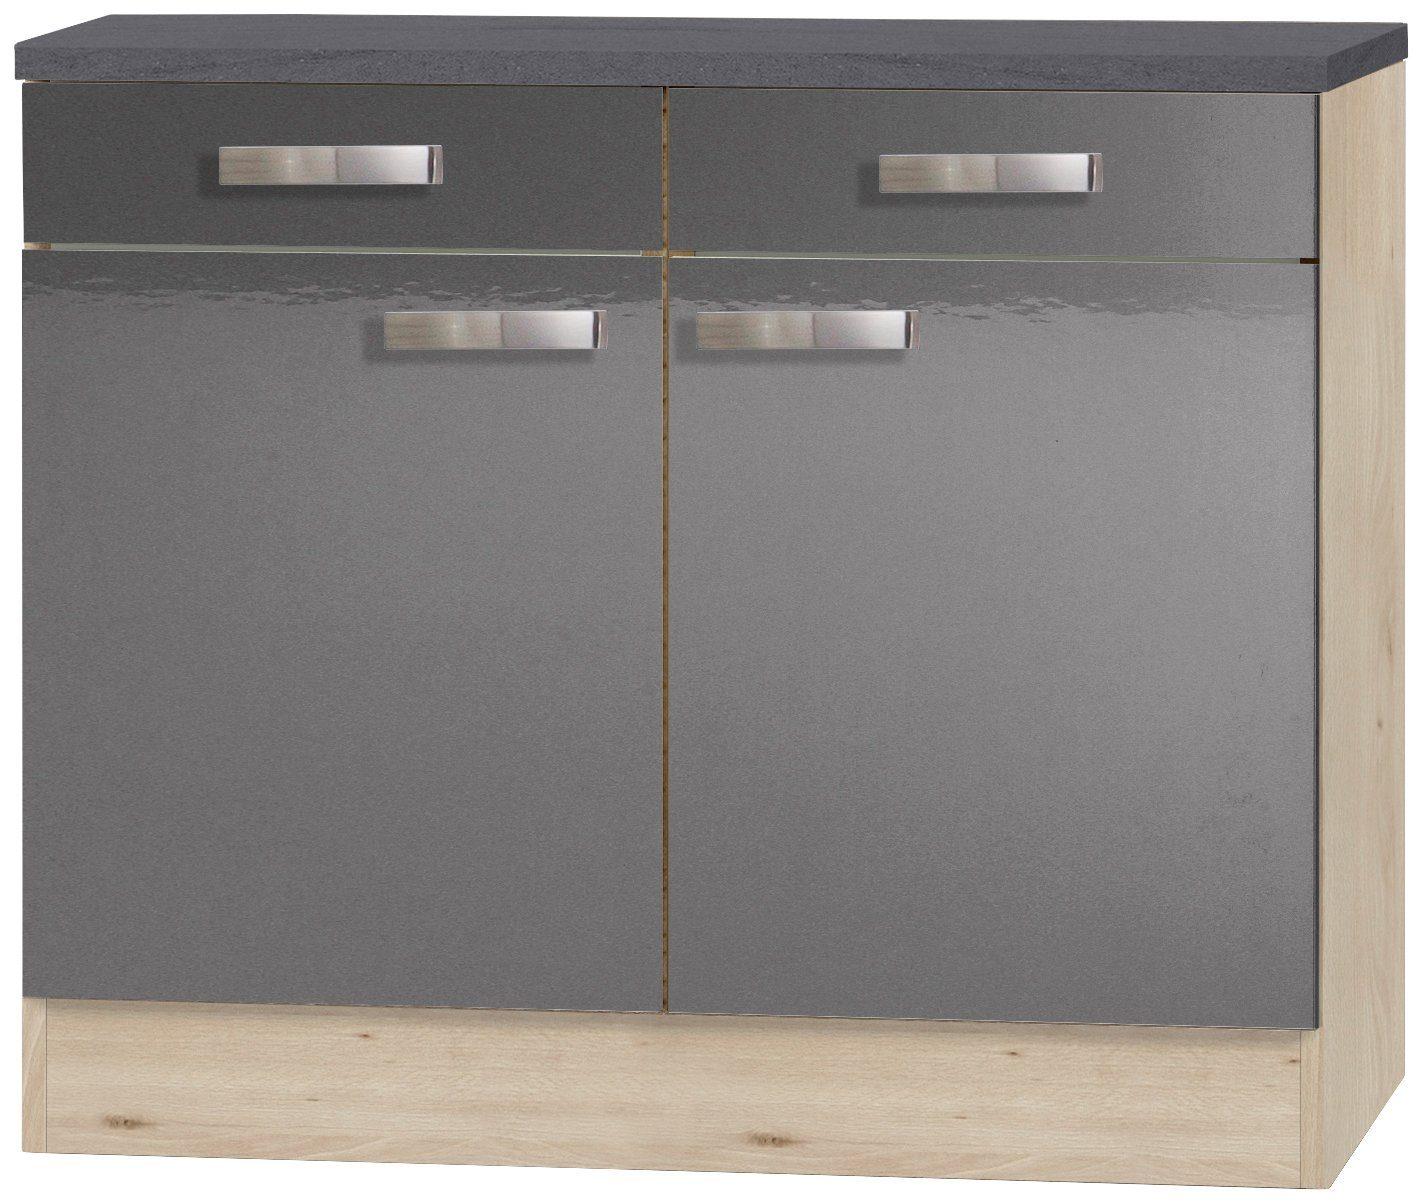 OPTIFIT Küchenunterschrank »OPTIkult Udine«, Breite 100 cm